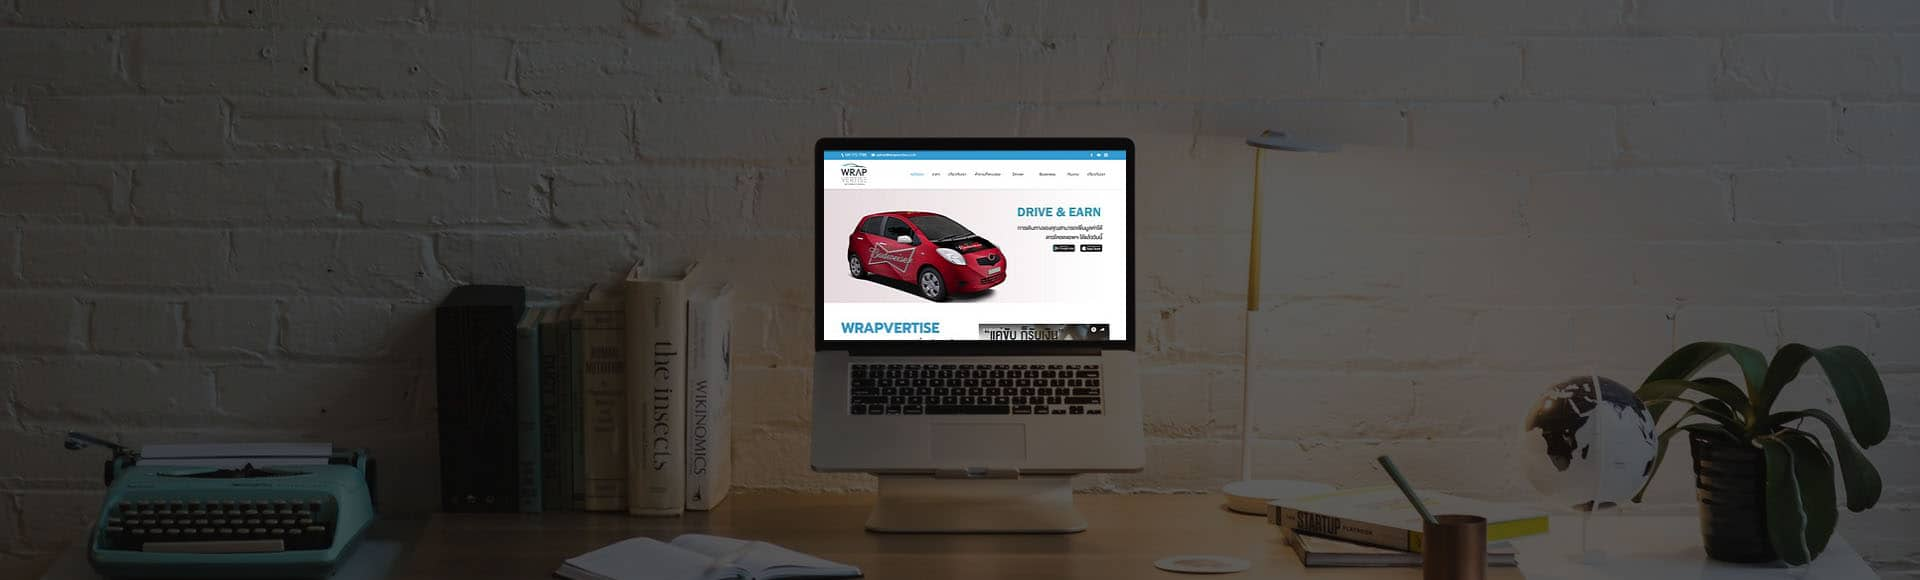 ผลงานทำเว็บไซต์ สื่อโฆษณาบนรถยนต์ | บริการรับทำเว็บไซต์ ออกแบบเว็บไซต์